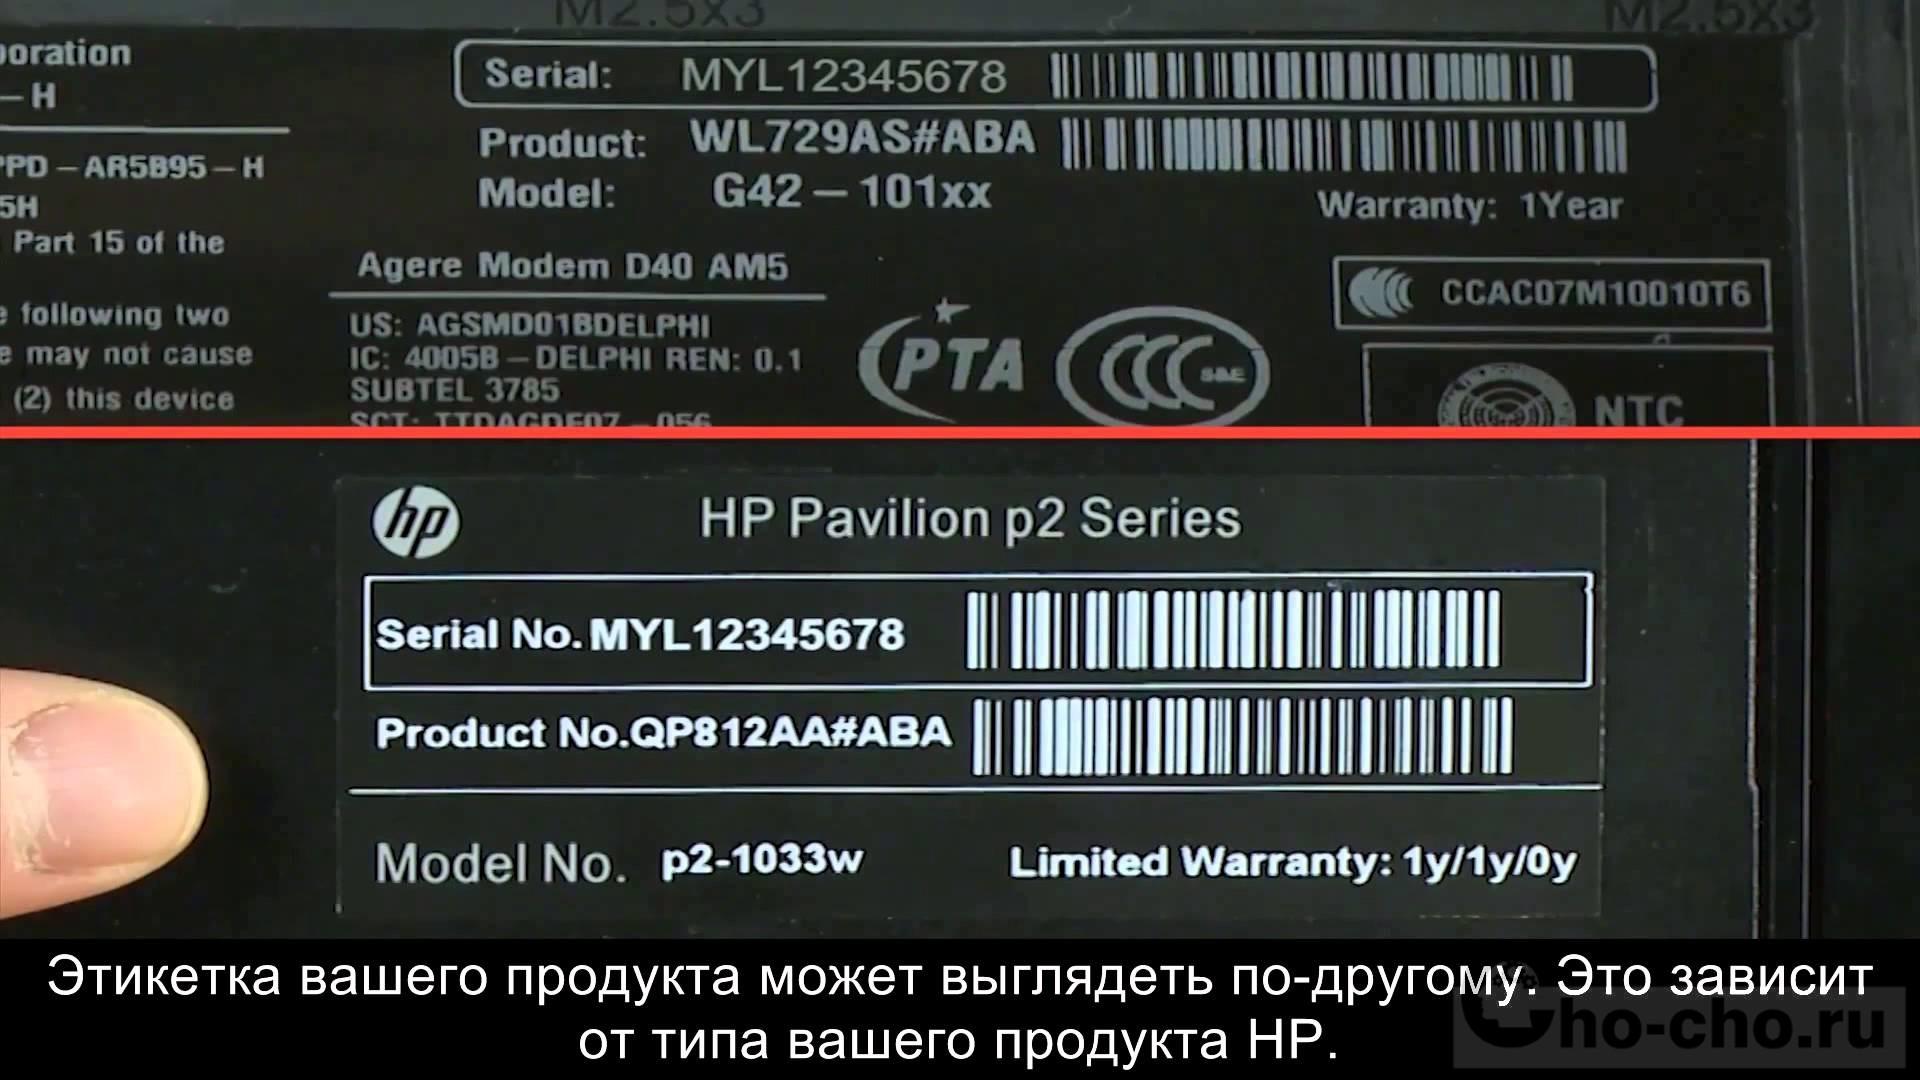 как посмотреть модель ноутбука hp